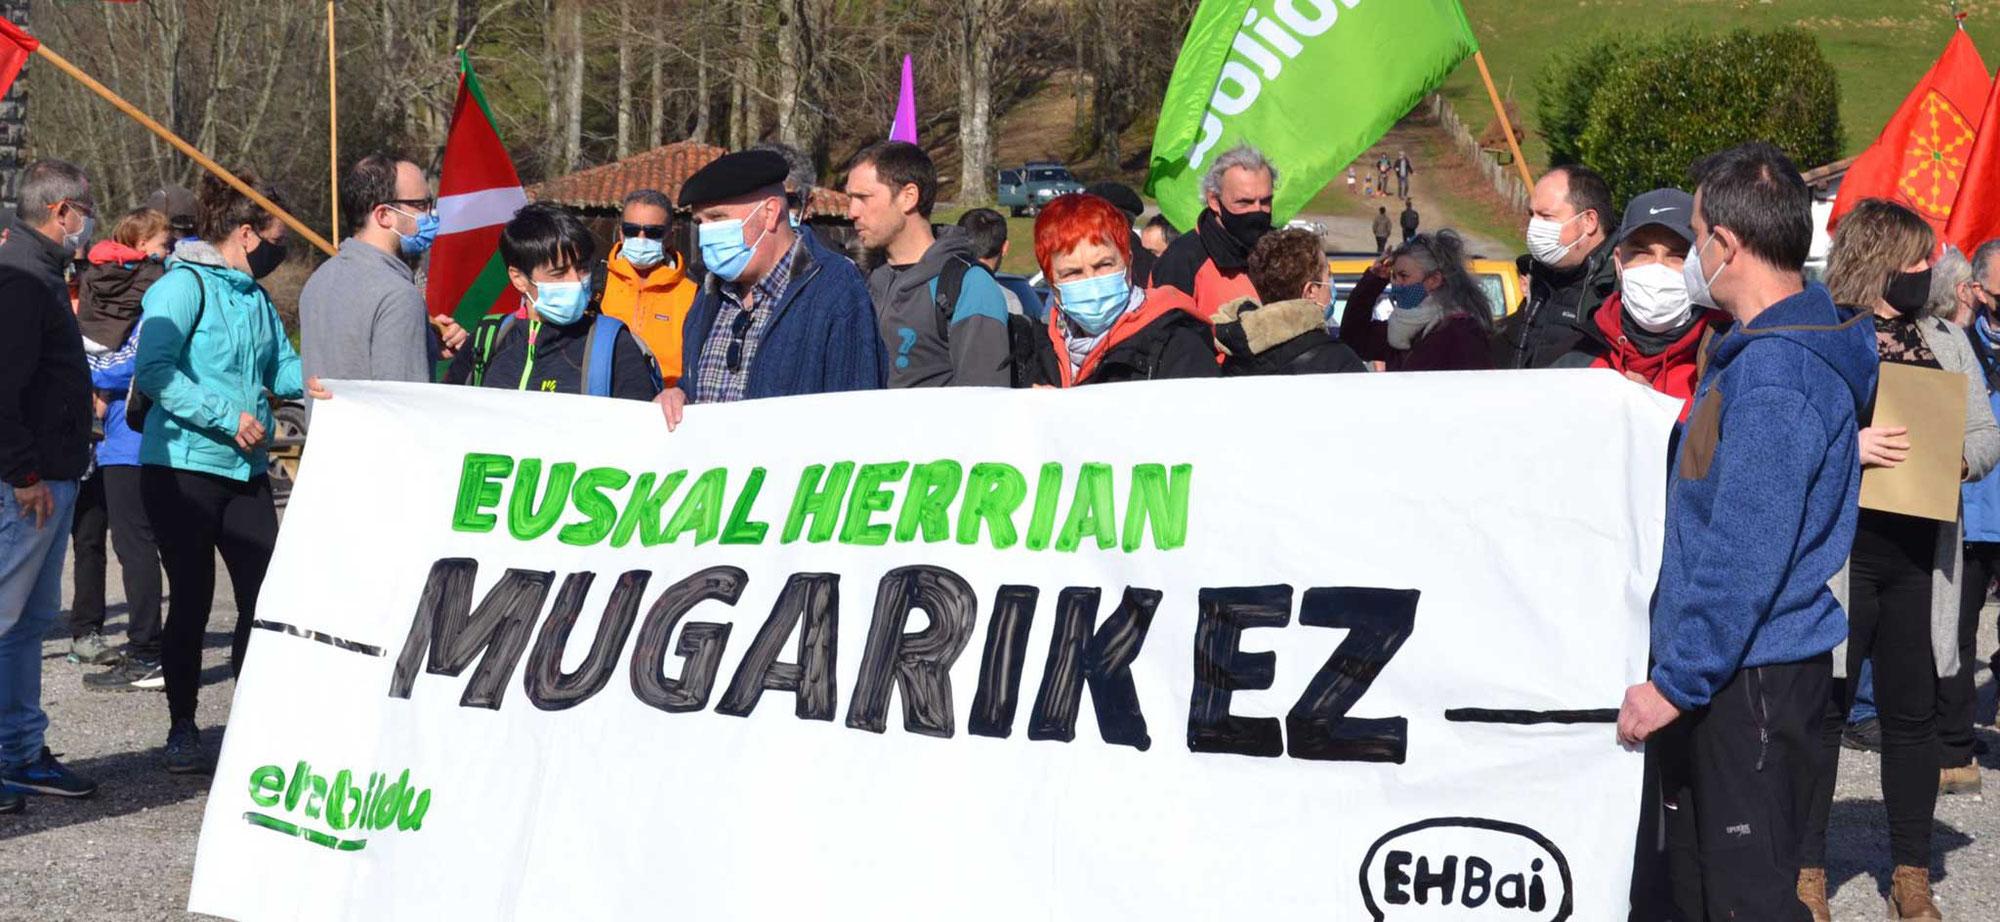 Pas de frontière au Pays Basque!